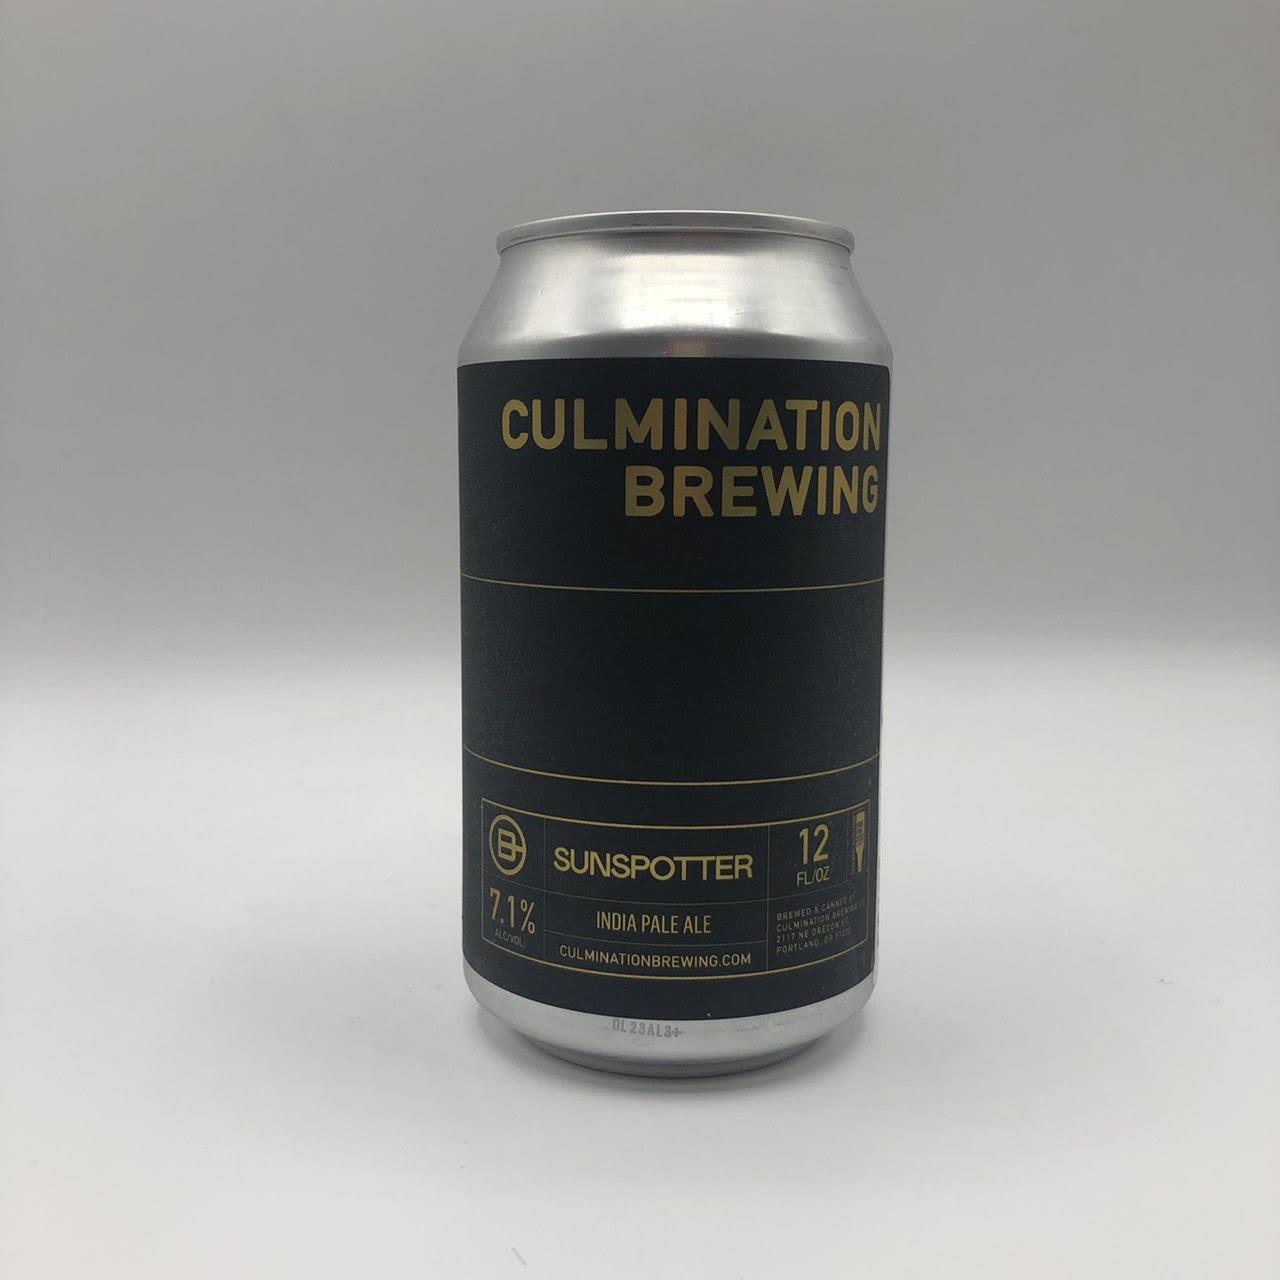 Culmination004